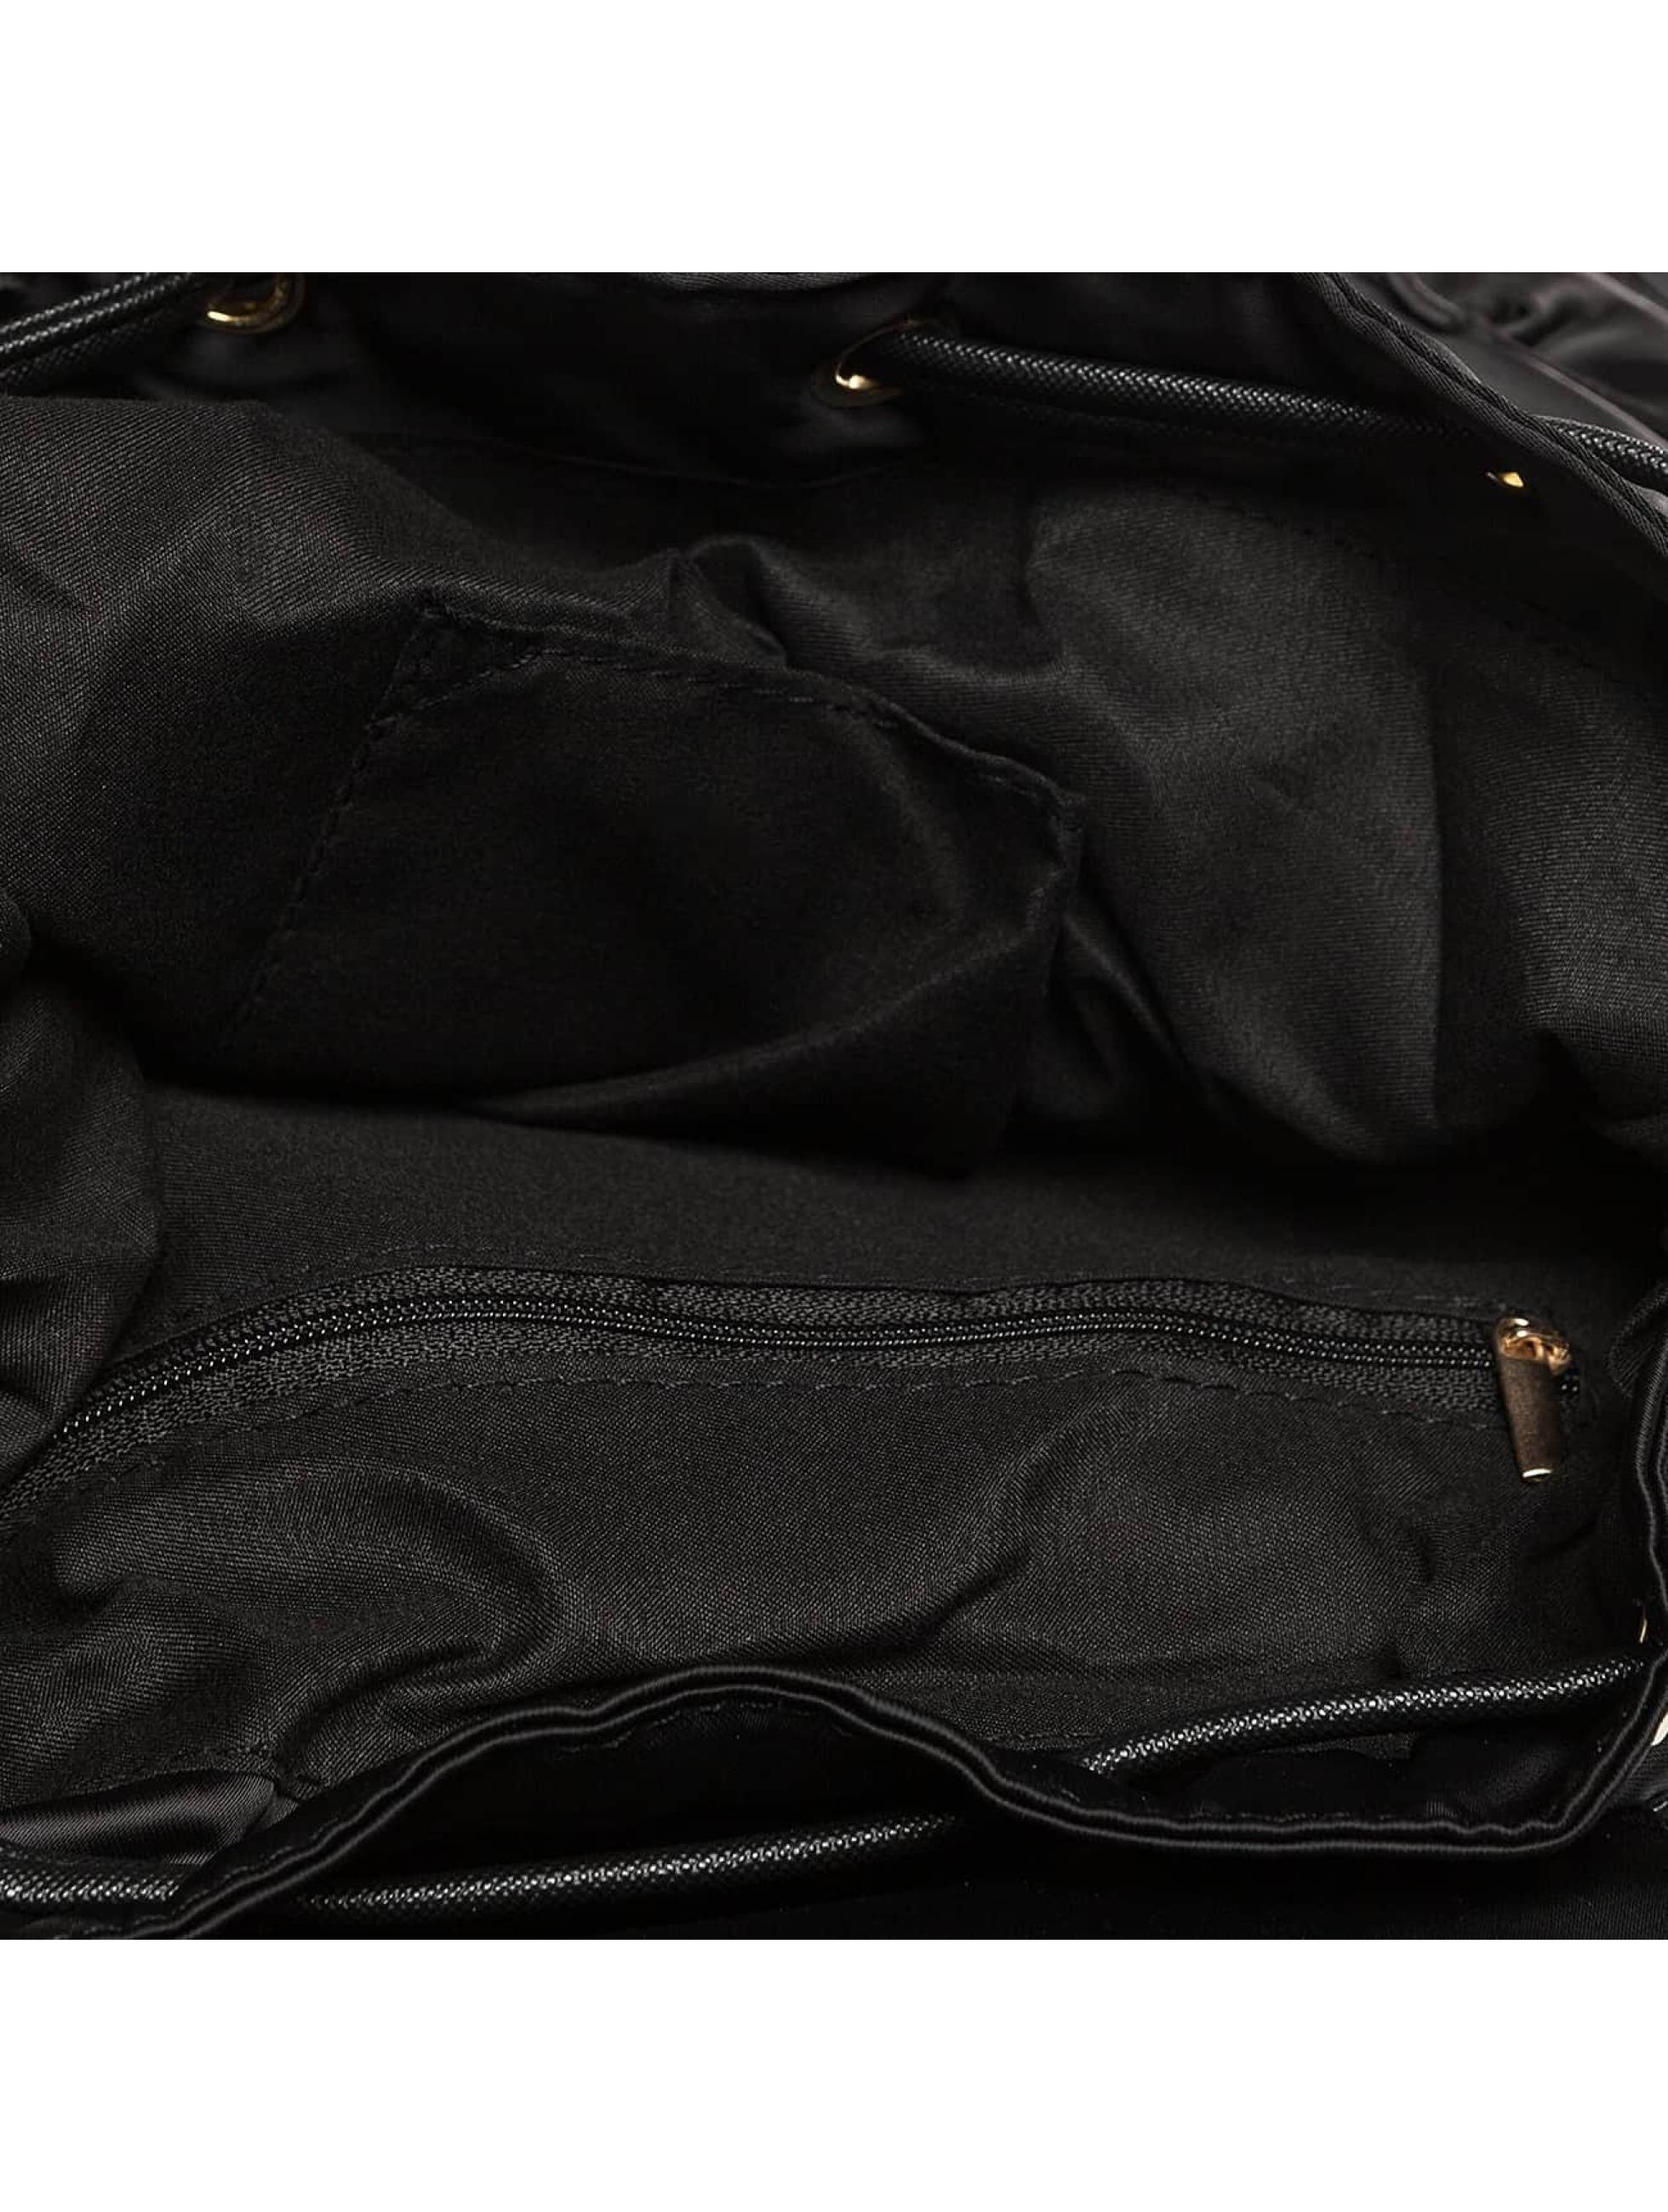 Hailys Backpack Bomba black